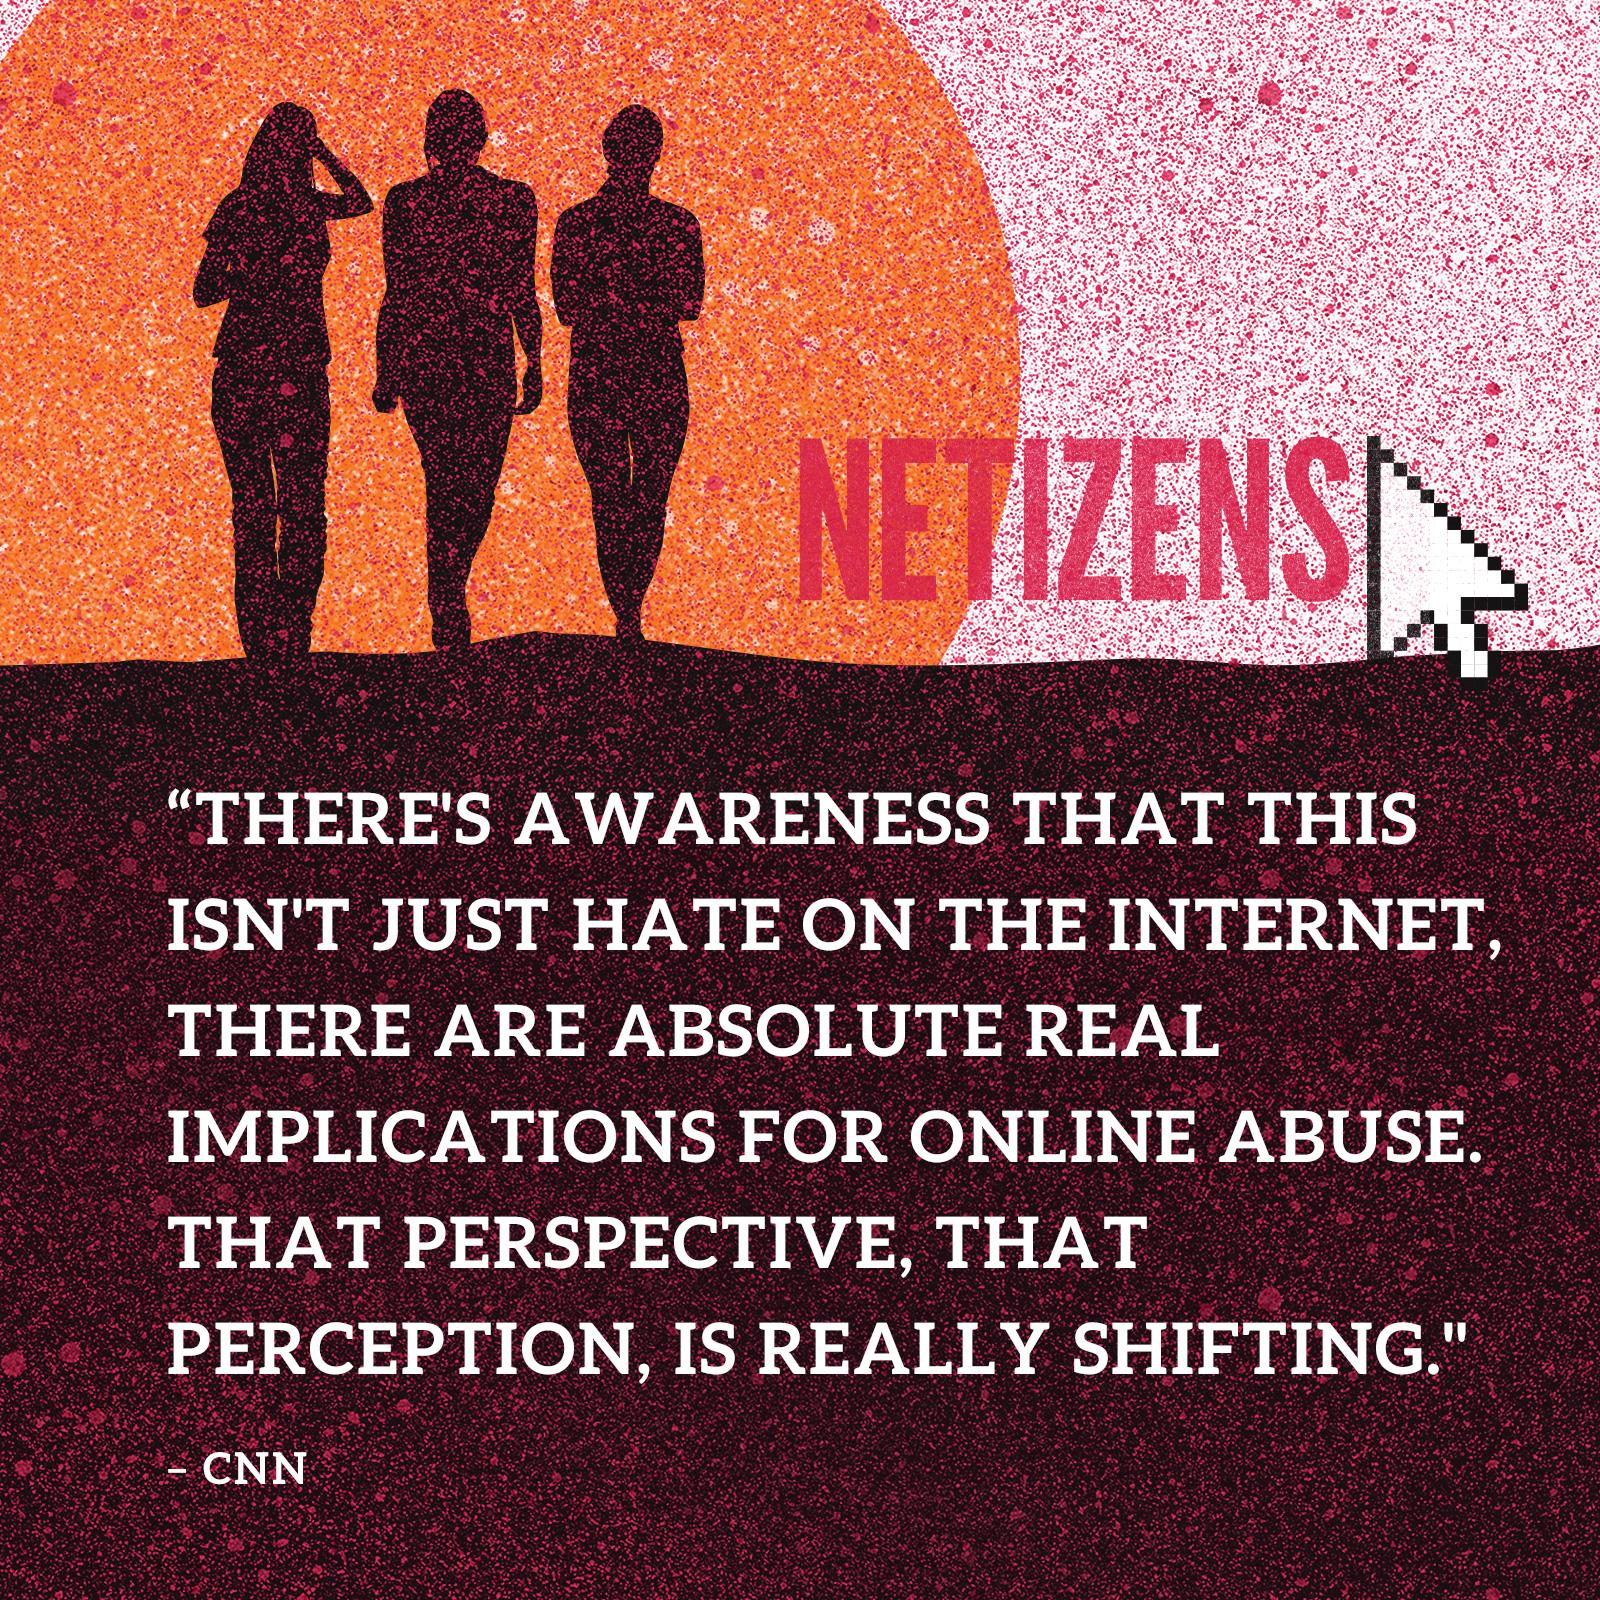 Netizens-PressQuote-4-v1.jpg